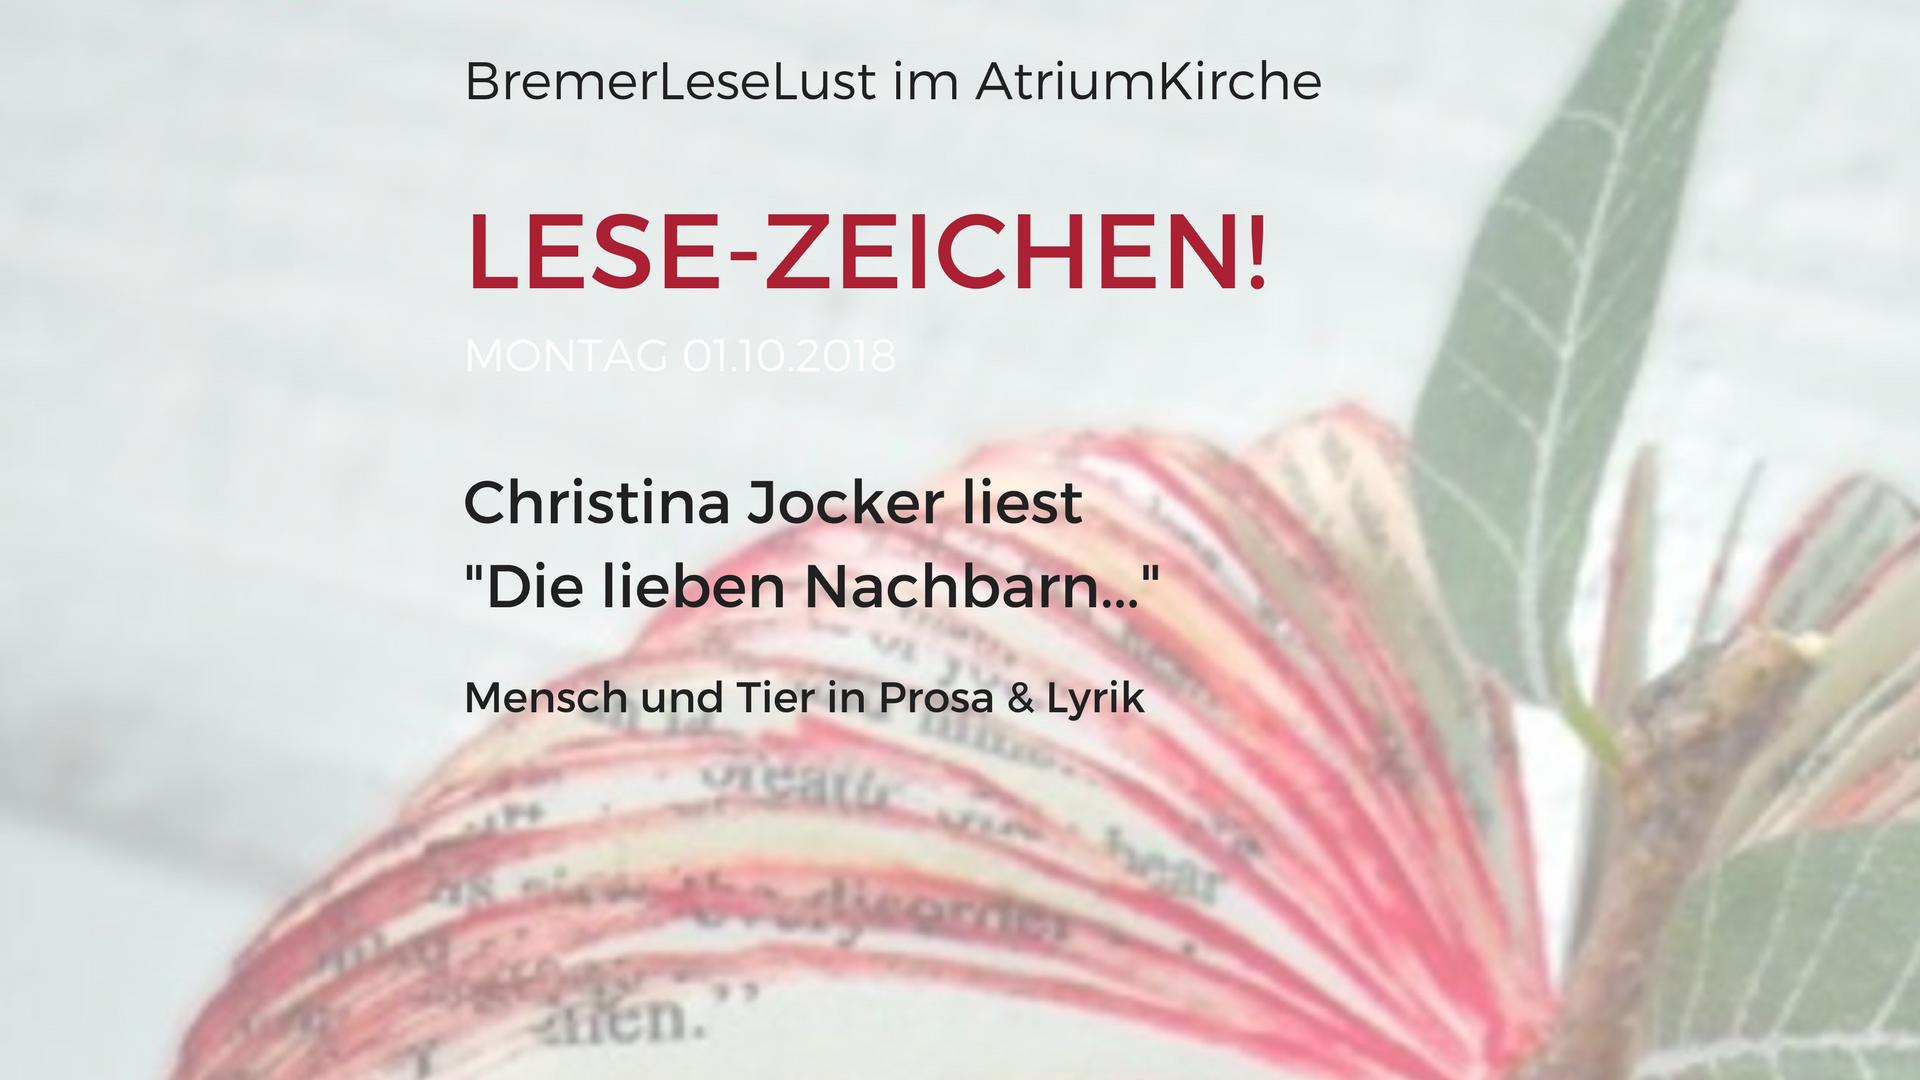 Lese-Zeichen, Die liebe Nachbarn, Bremerleselust, Oktober 2018